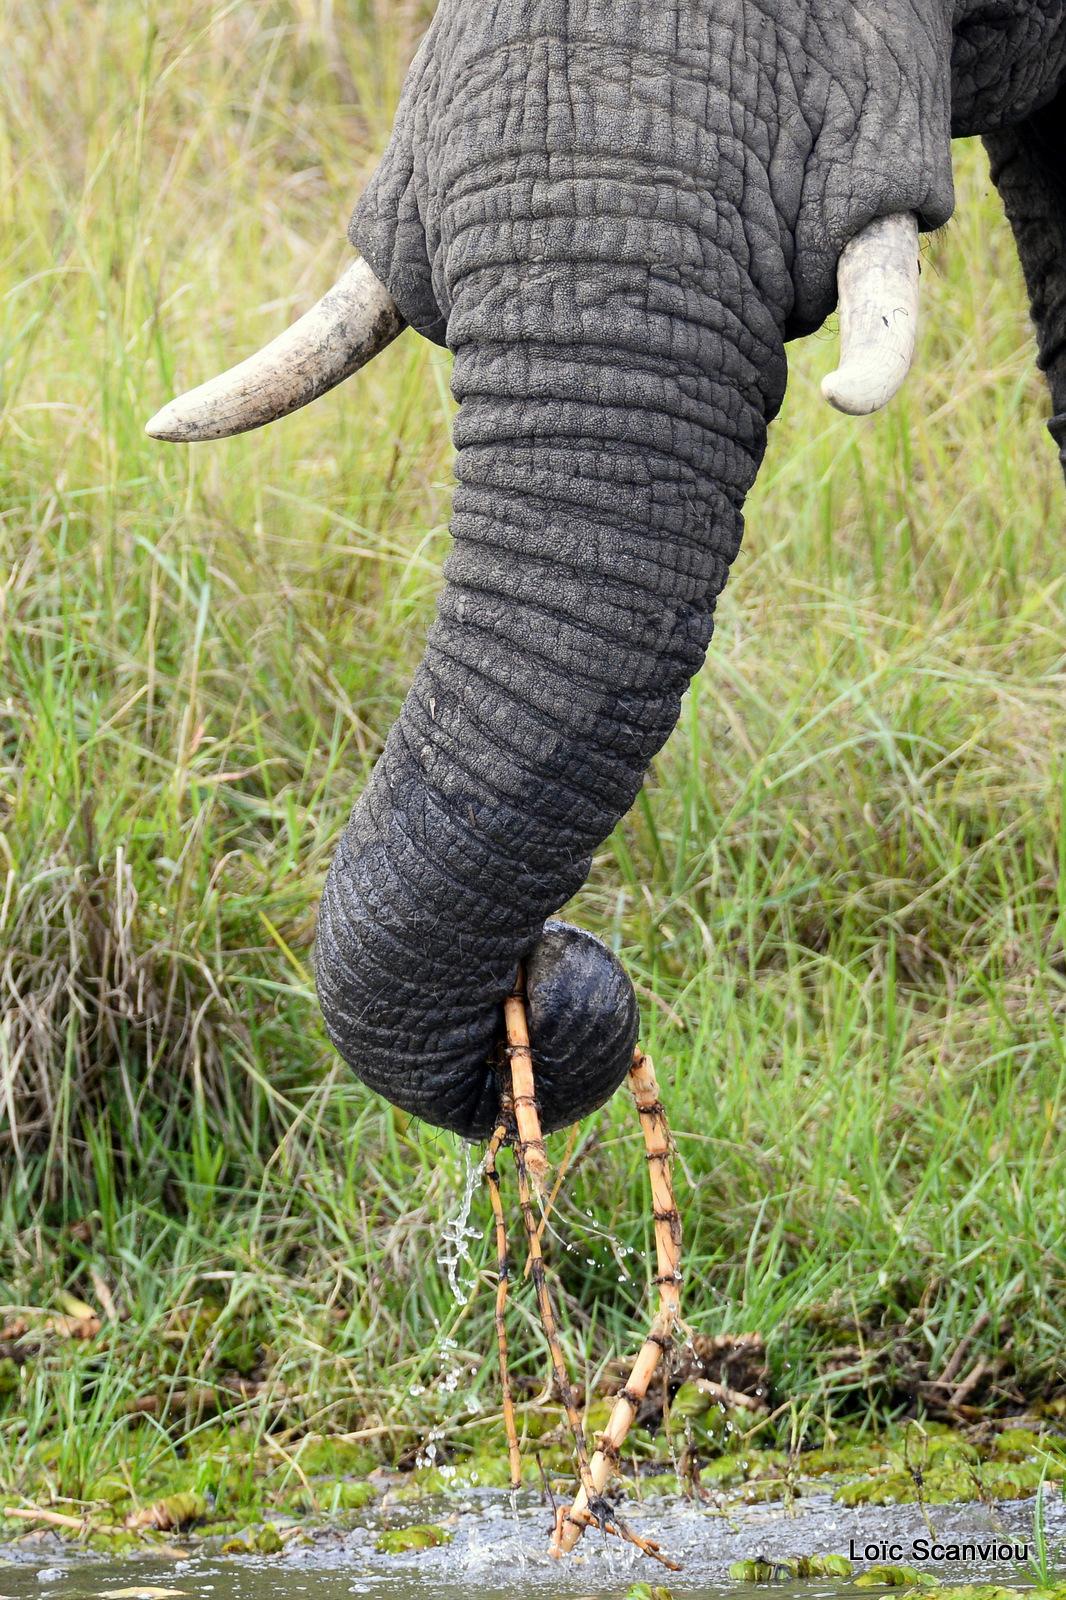 Éléphant de savane d'Afrique/Savanna Elephant (19)